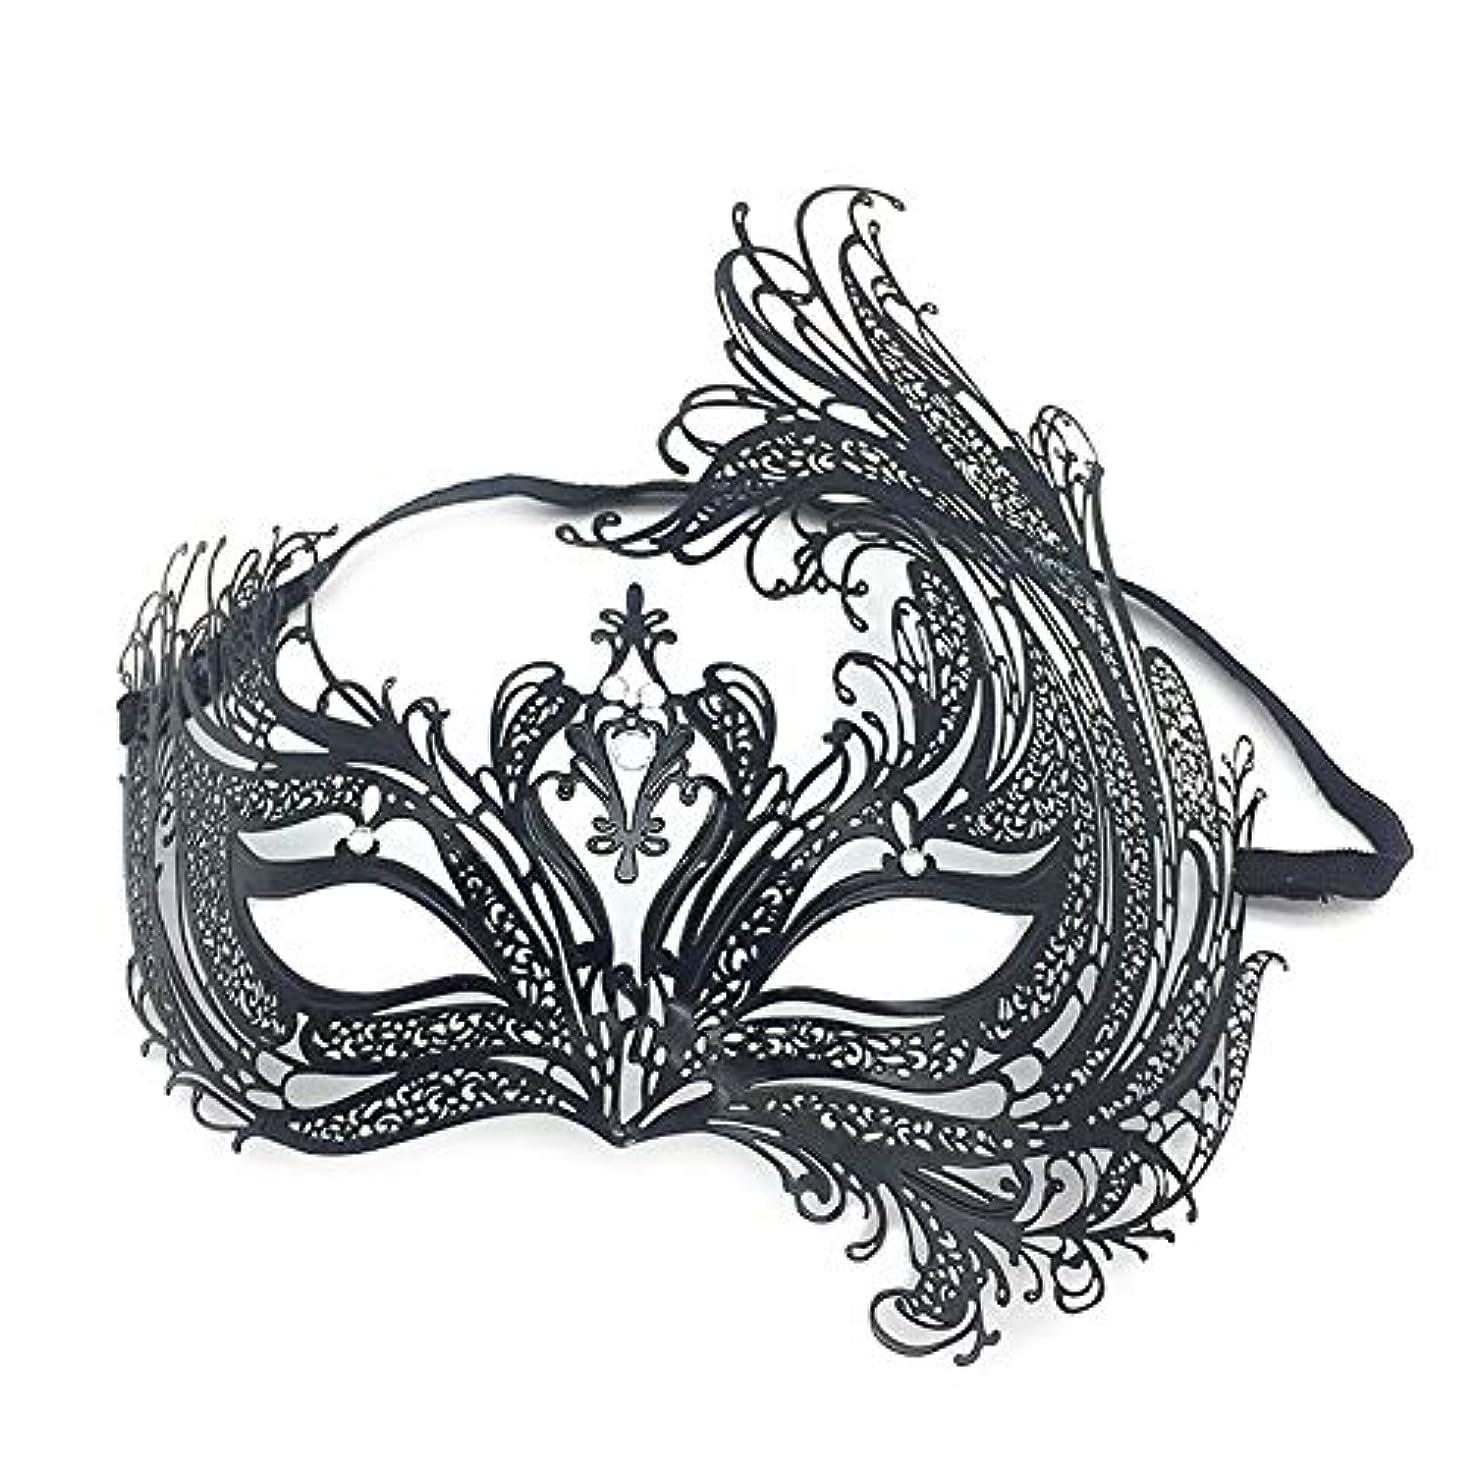 歴史法令意味するメタルダイヤモンドフェイスマスカレードマスクパーティーブラックセクシーなハーフフェイスフェニックスハロウィーンマスク